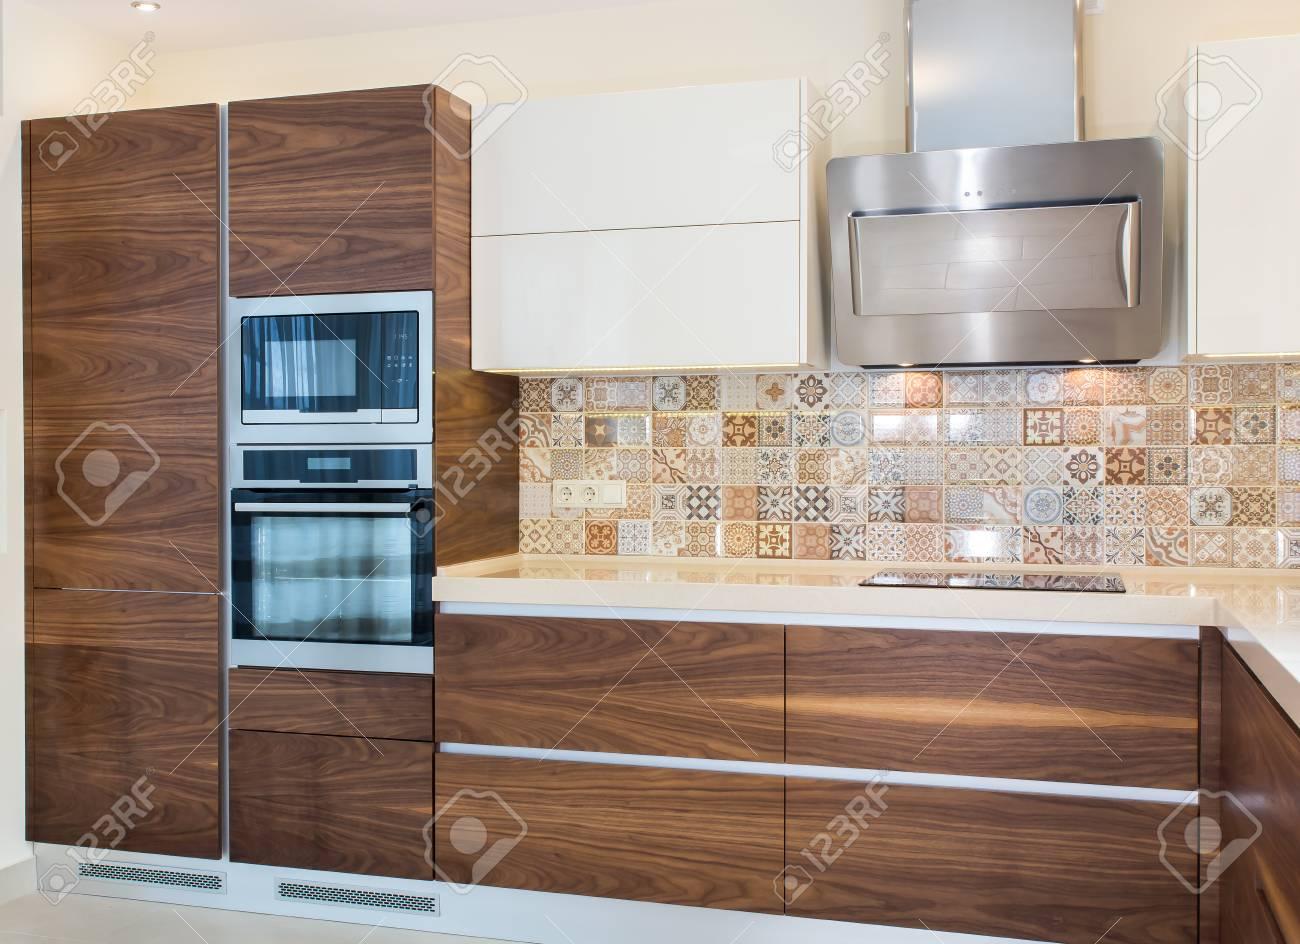 Interior Moderno De La Casa. Diseño Moderno De La Cocina En Un ...